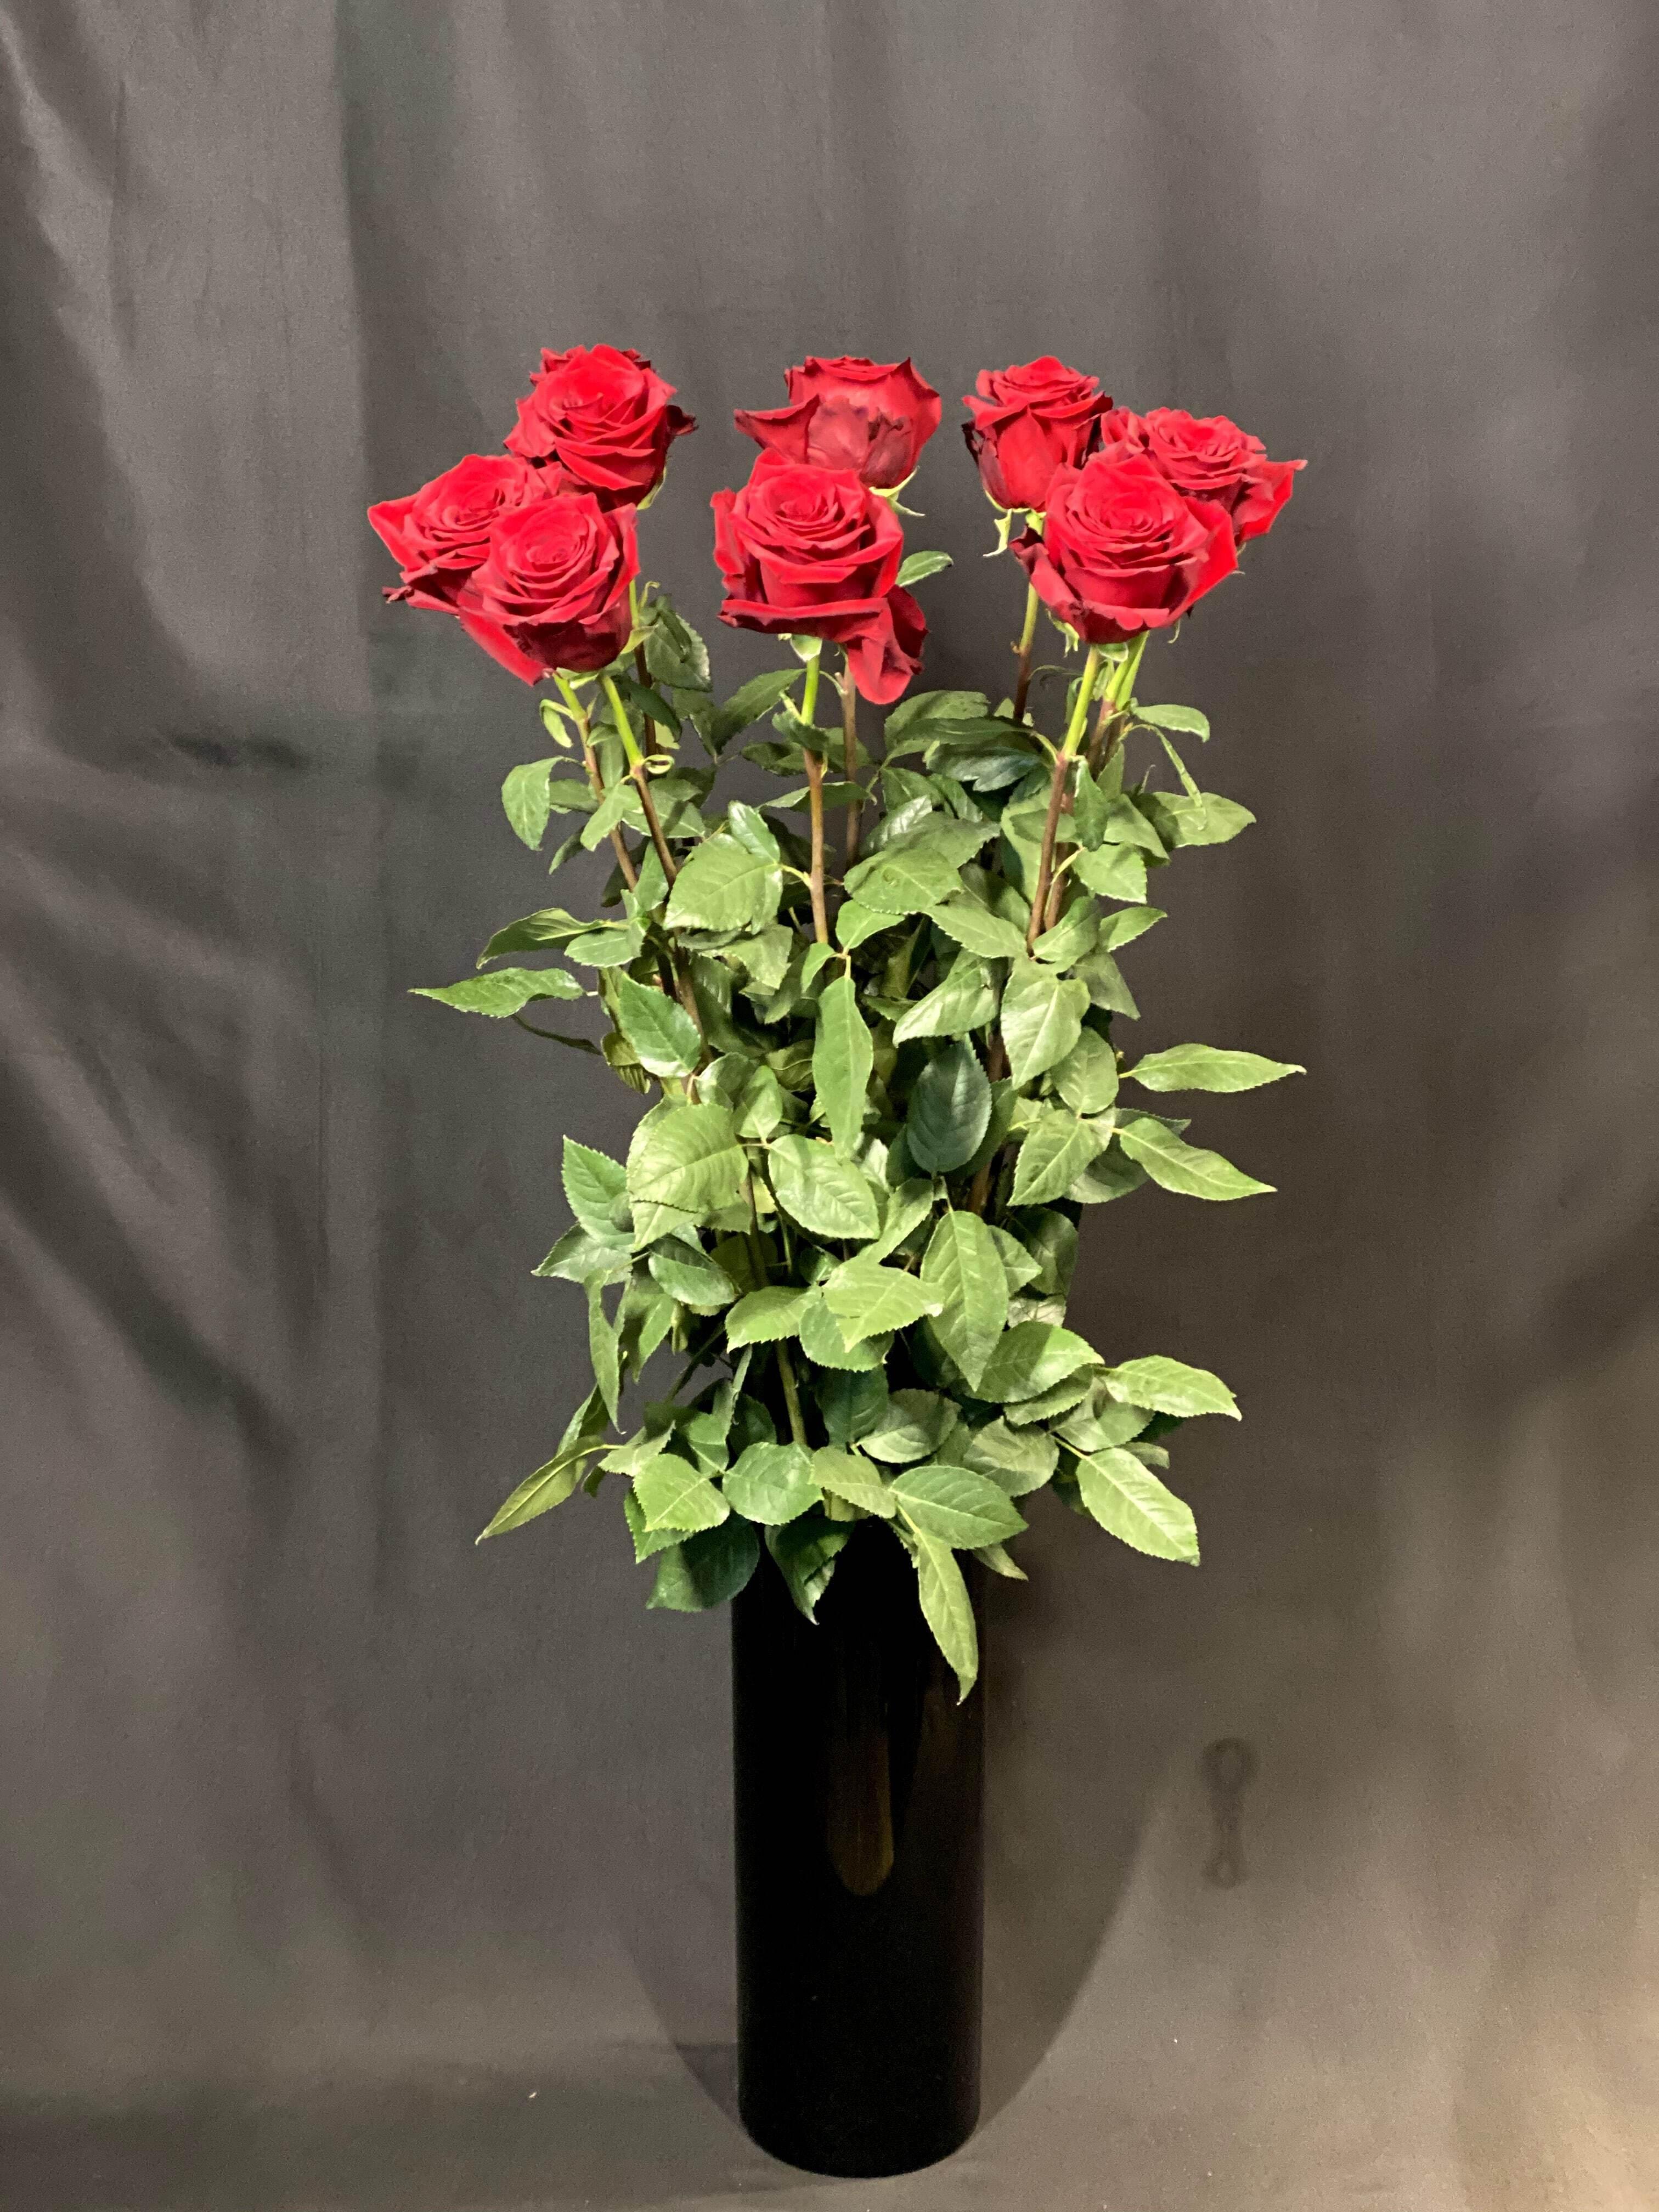 【希少品・当店限定】エクアドル産RED ROSE全長100cm 10本入